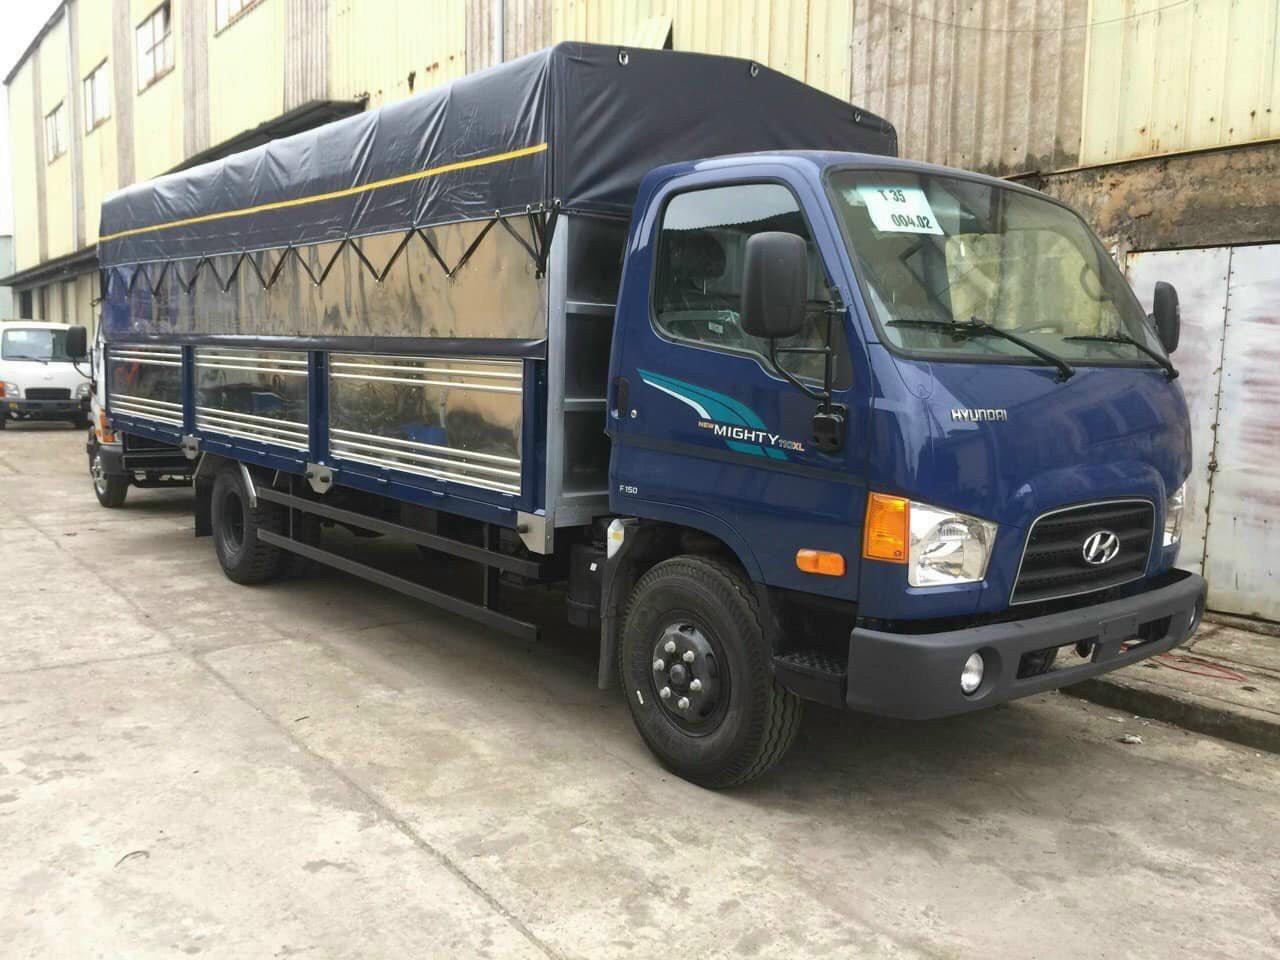 Bán xe tải Hyundai 110XL tại Thái Nguyên. Liên hệ : 0984 085 899